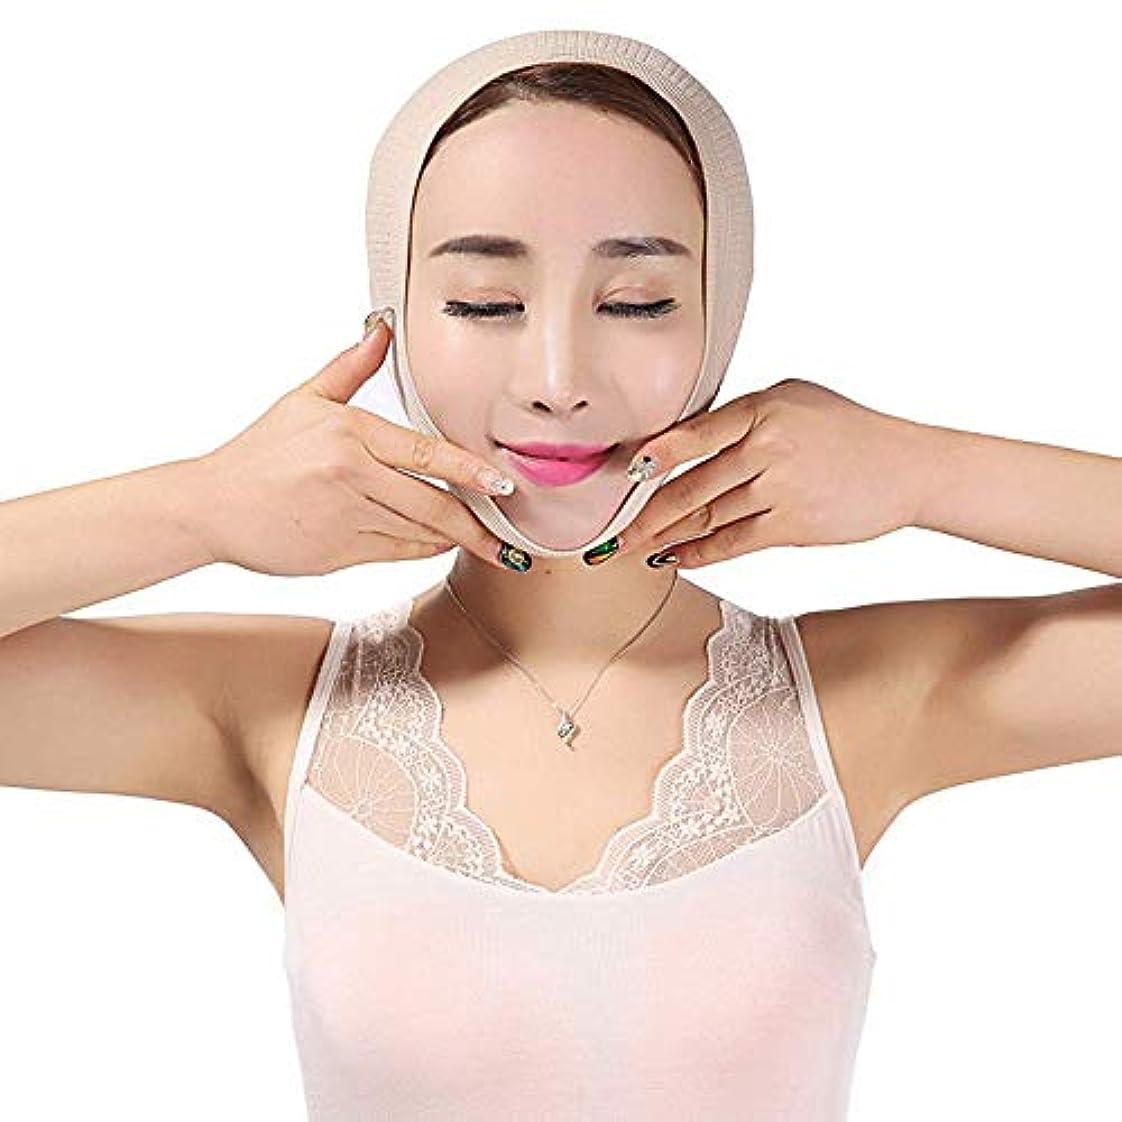 メロディー本質的に拮抗薄い顔の器械のマスクの改装の包帯Vの表面持ち上がることの引き締めの美顔術の二重最大の顔のマッサージャー